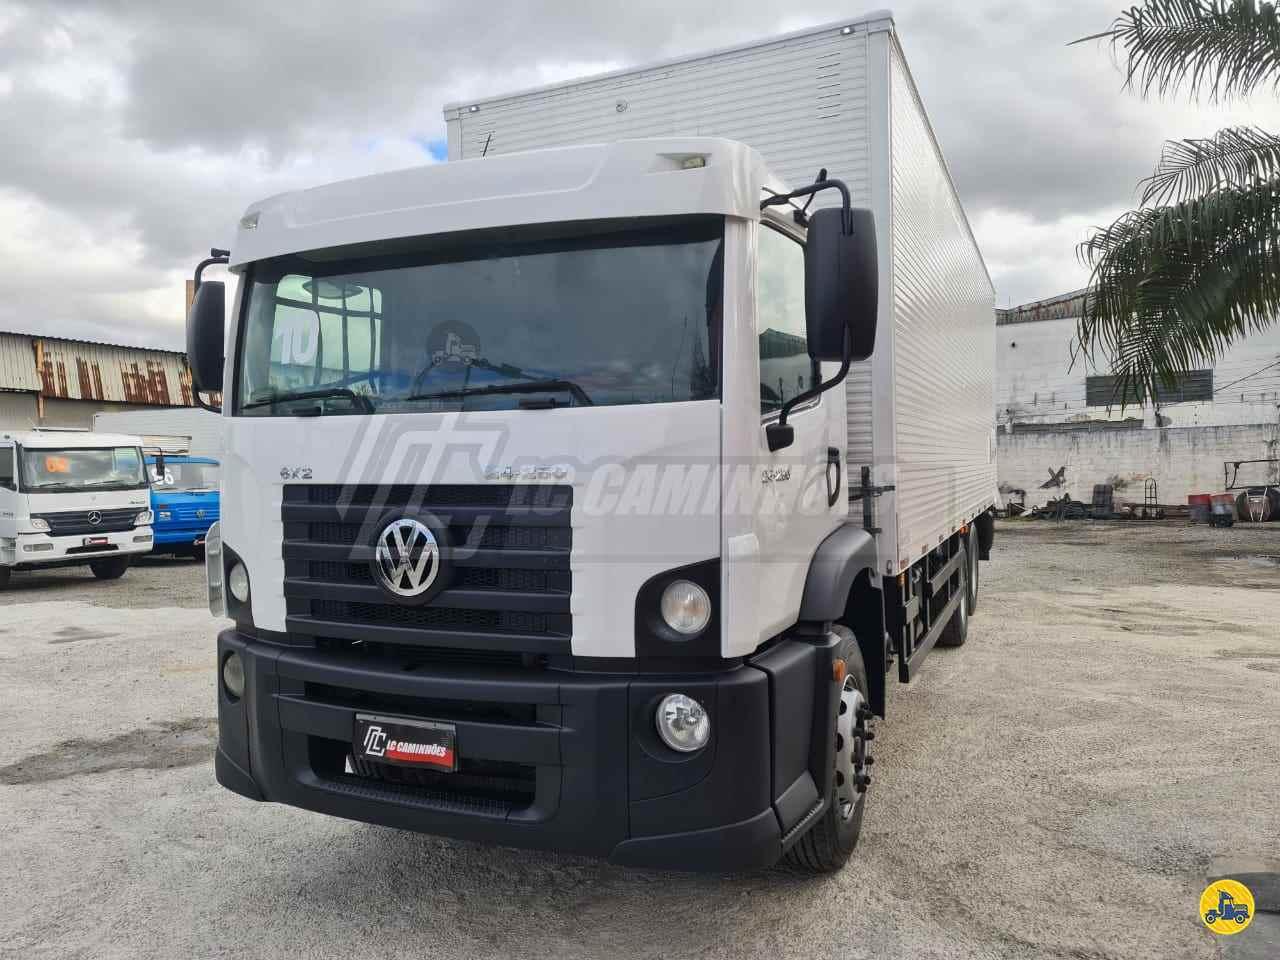 CAMINHAO VOLKSWAGEN VW 24250 Baú Furgão Truck 6x2 LC Caminhões SAO PAULO SÃO PAULO SP